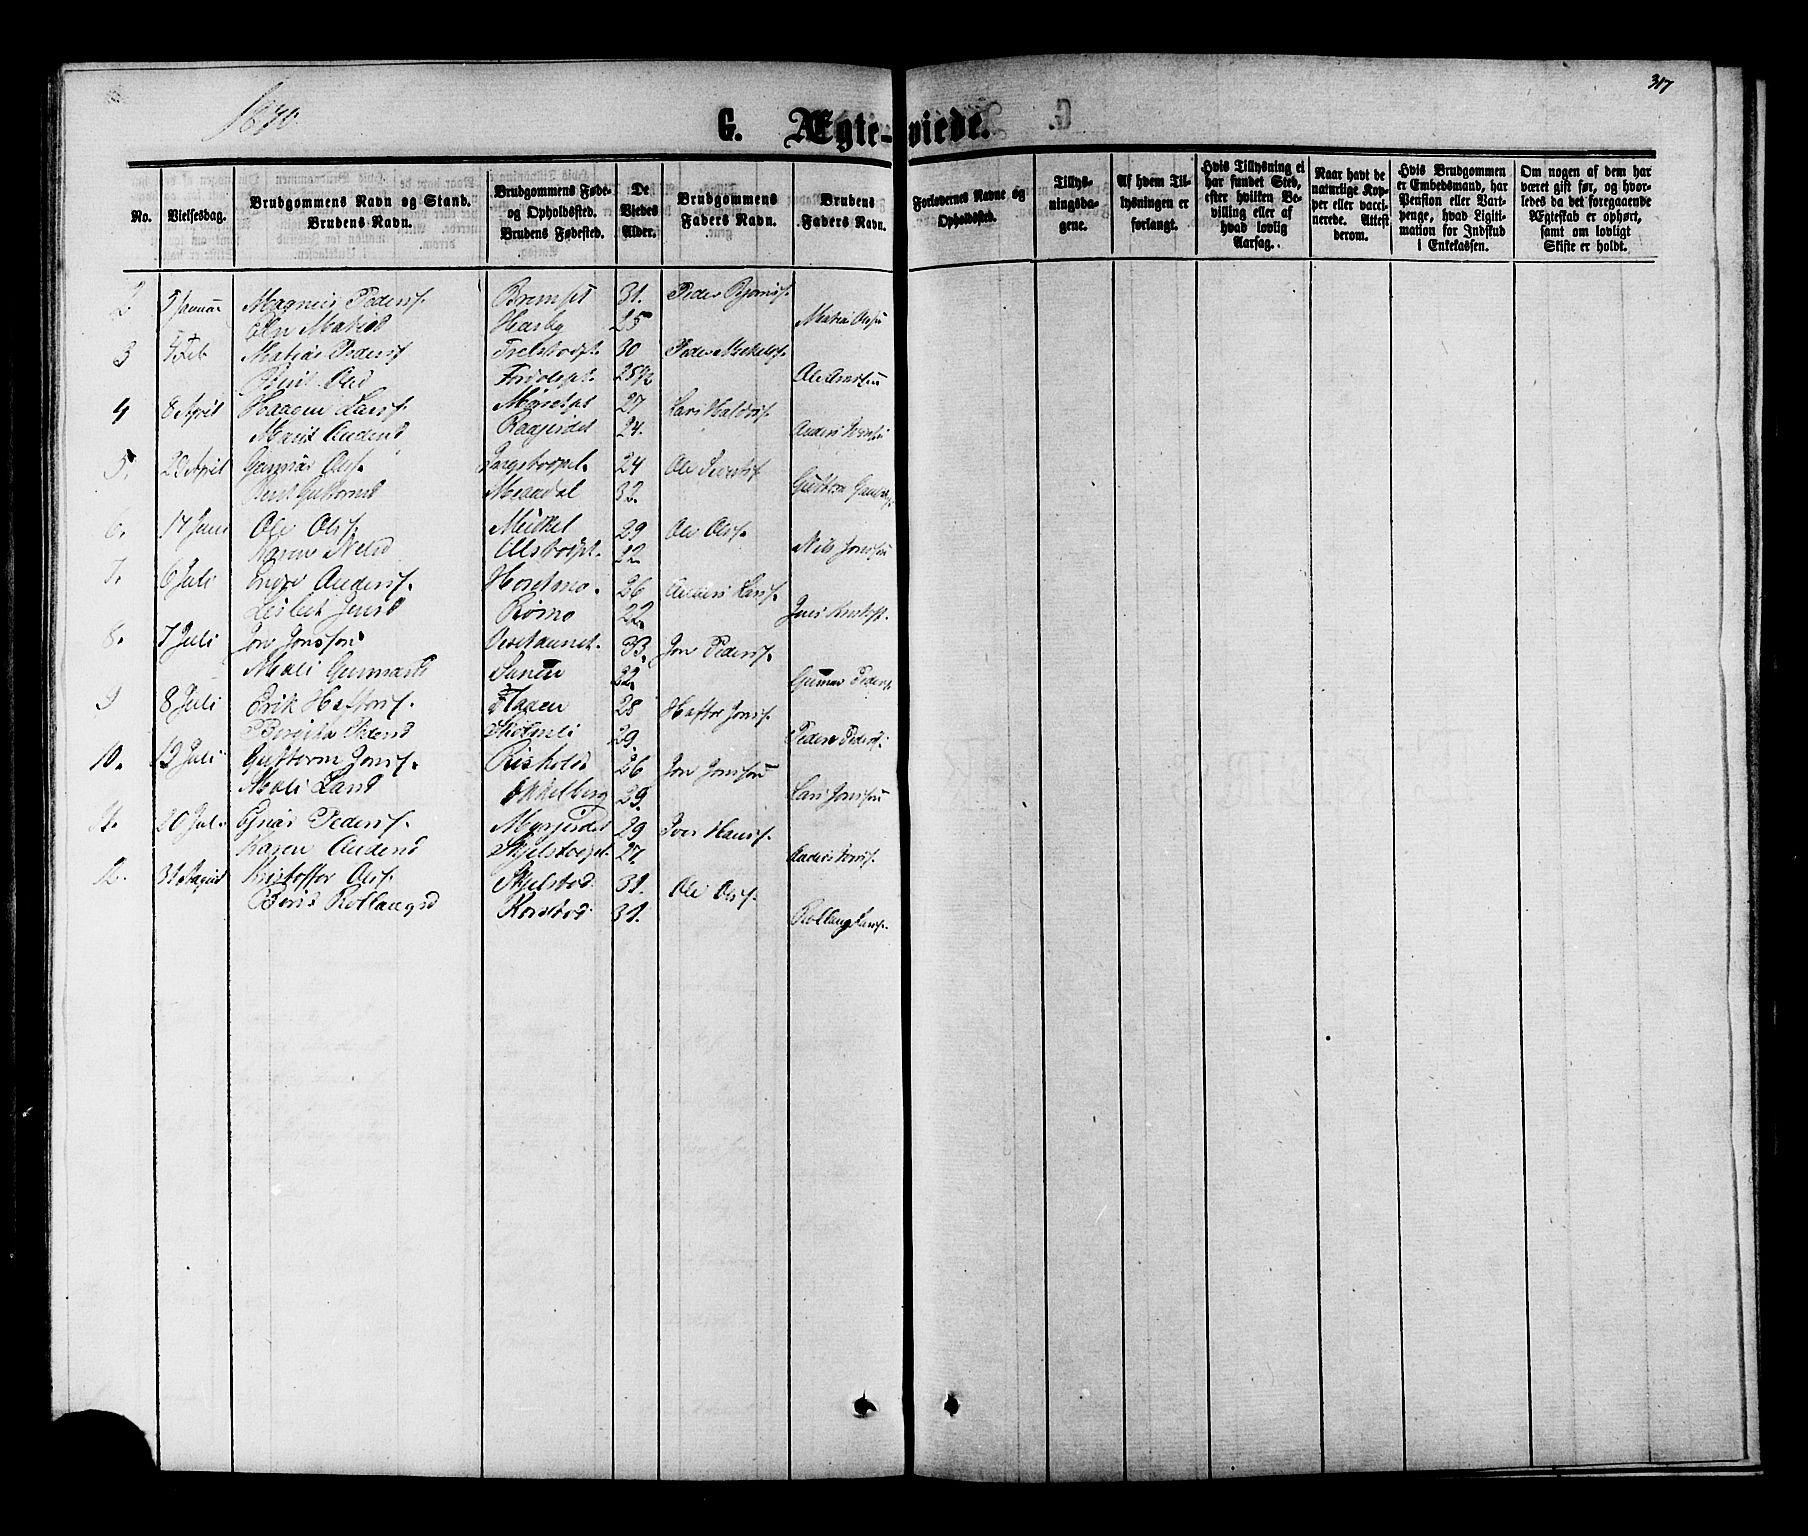 SAT, Ministerialprotokoller, klokkerbøker og fødselsregistre - Nord-Trøndelag, 703/L0038: Klokkerbok nr. 703C01, 1864-1870, s. 317